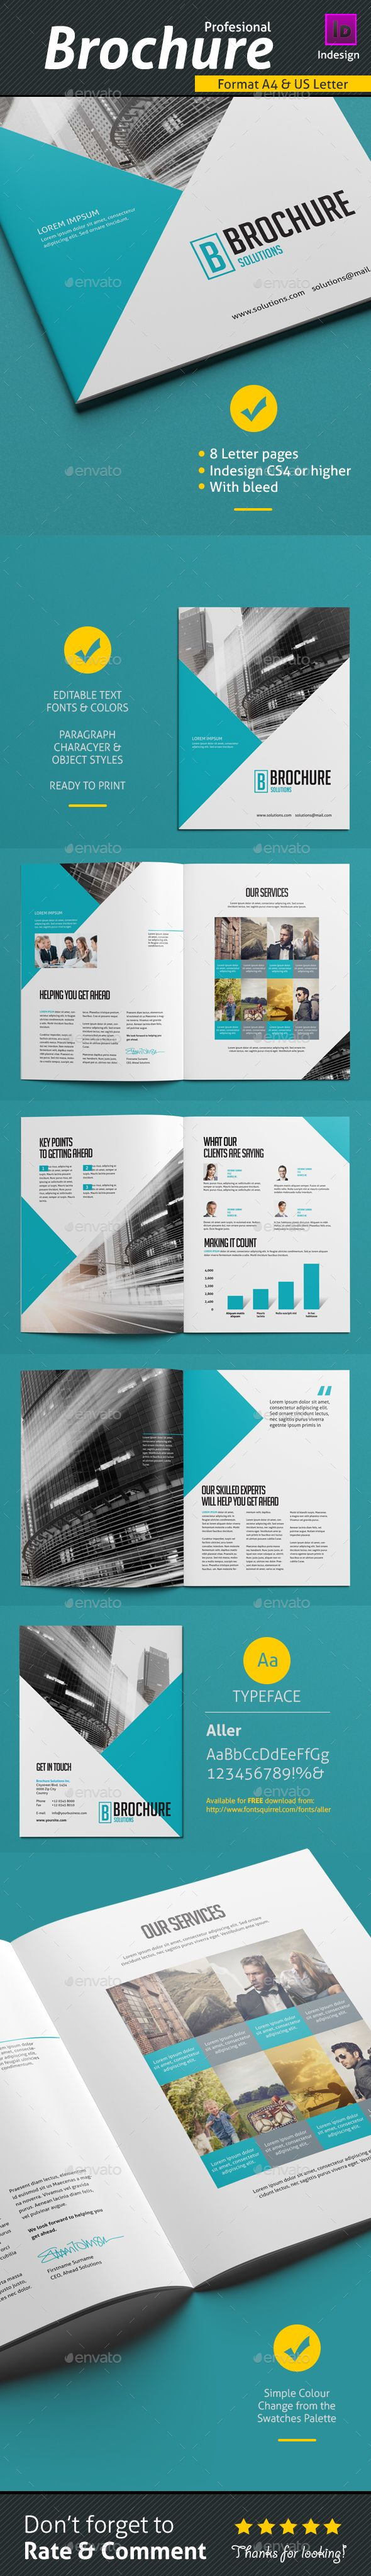 Brochure Template InDesign INDD #design Download: http://graphicriver.net/item/brochure-template-v1/13936599?ref=ksioks